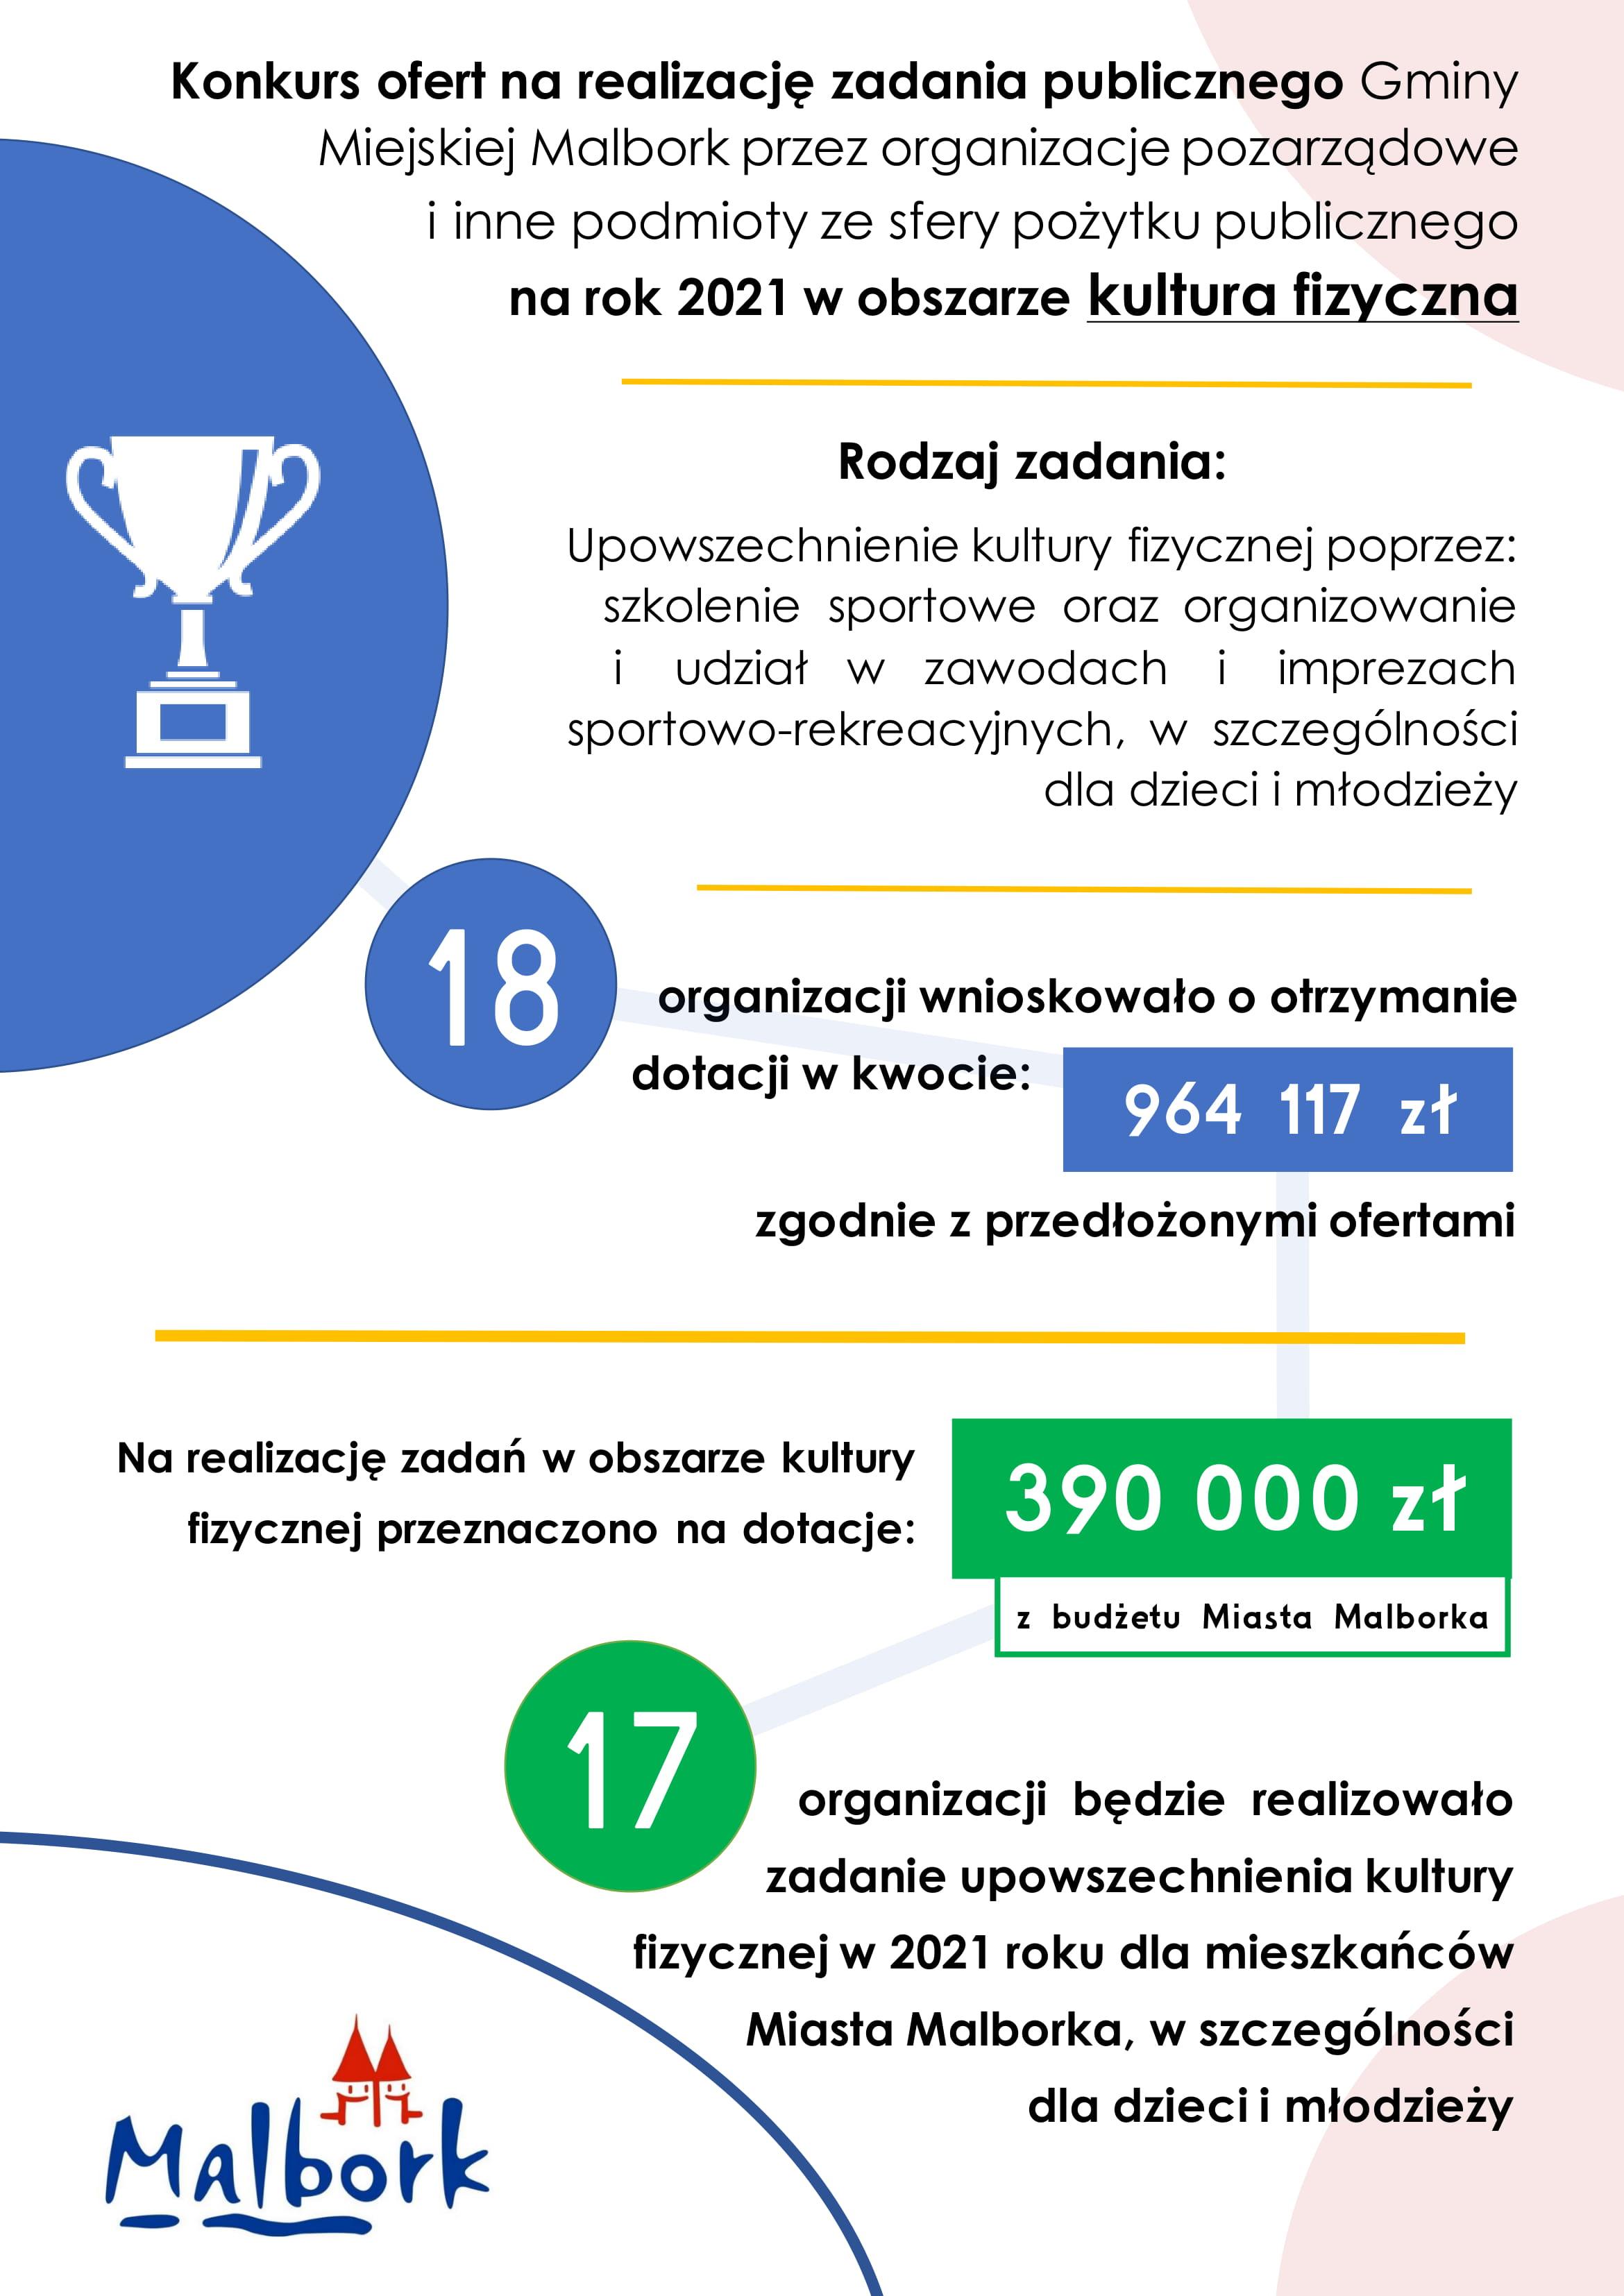 http://m.82-200.pl/2021/02/orig/plakat-dotacje-w-obszarze-kultura-fizyczna-2021-1-6834.jpg